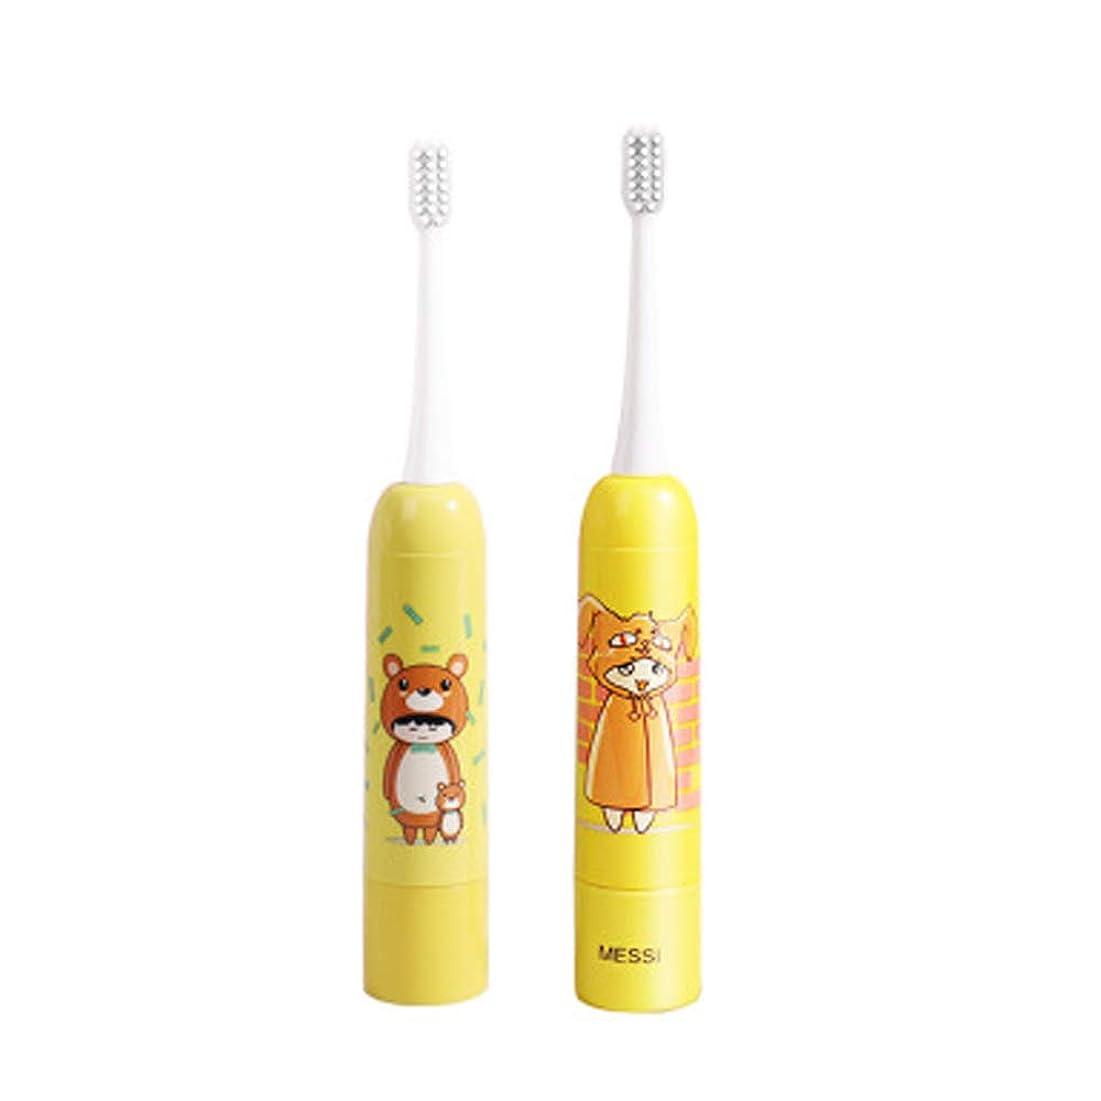 インスタンスタオルよろしくBobbyecho 電動歯ブラシ 子供 歯ブラシ ハブラシ すみずみクリーンやわらか 防水 音波歯ブラシ ブラシ こども用 ソニック電池 (女の子)